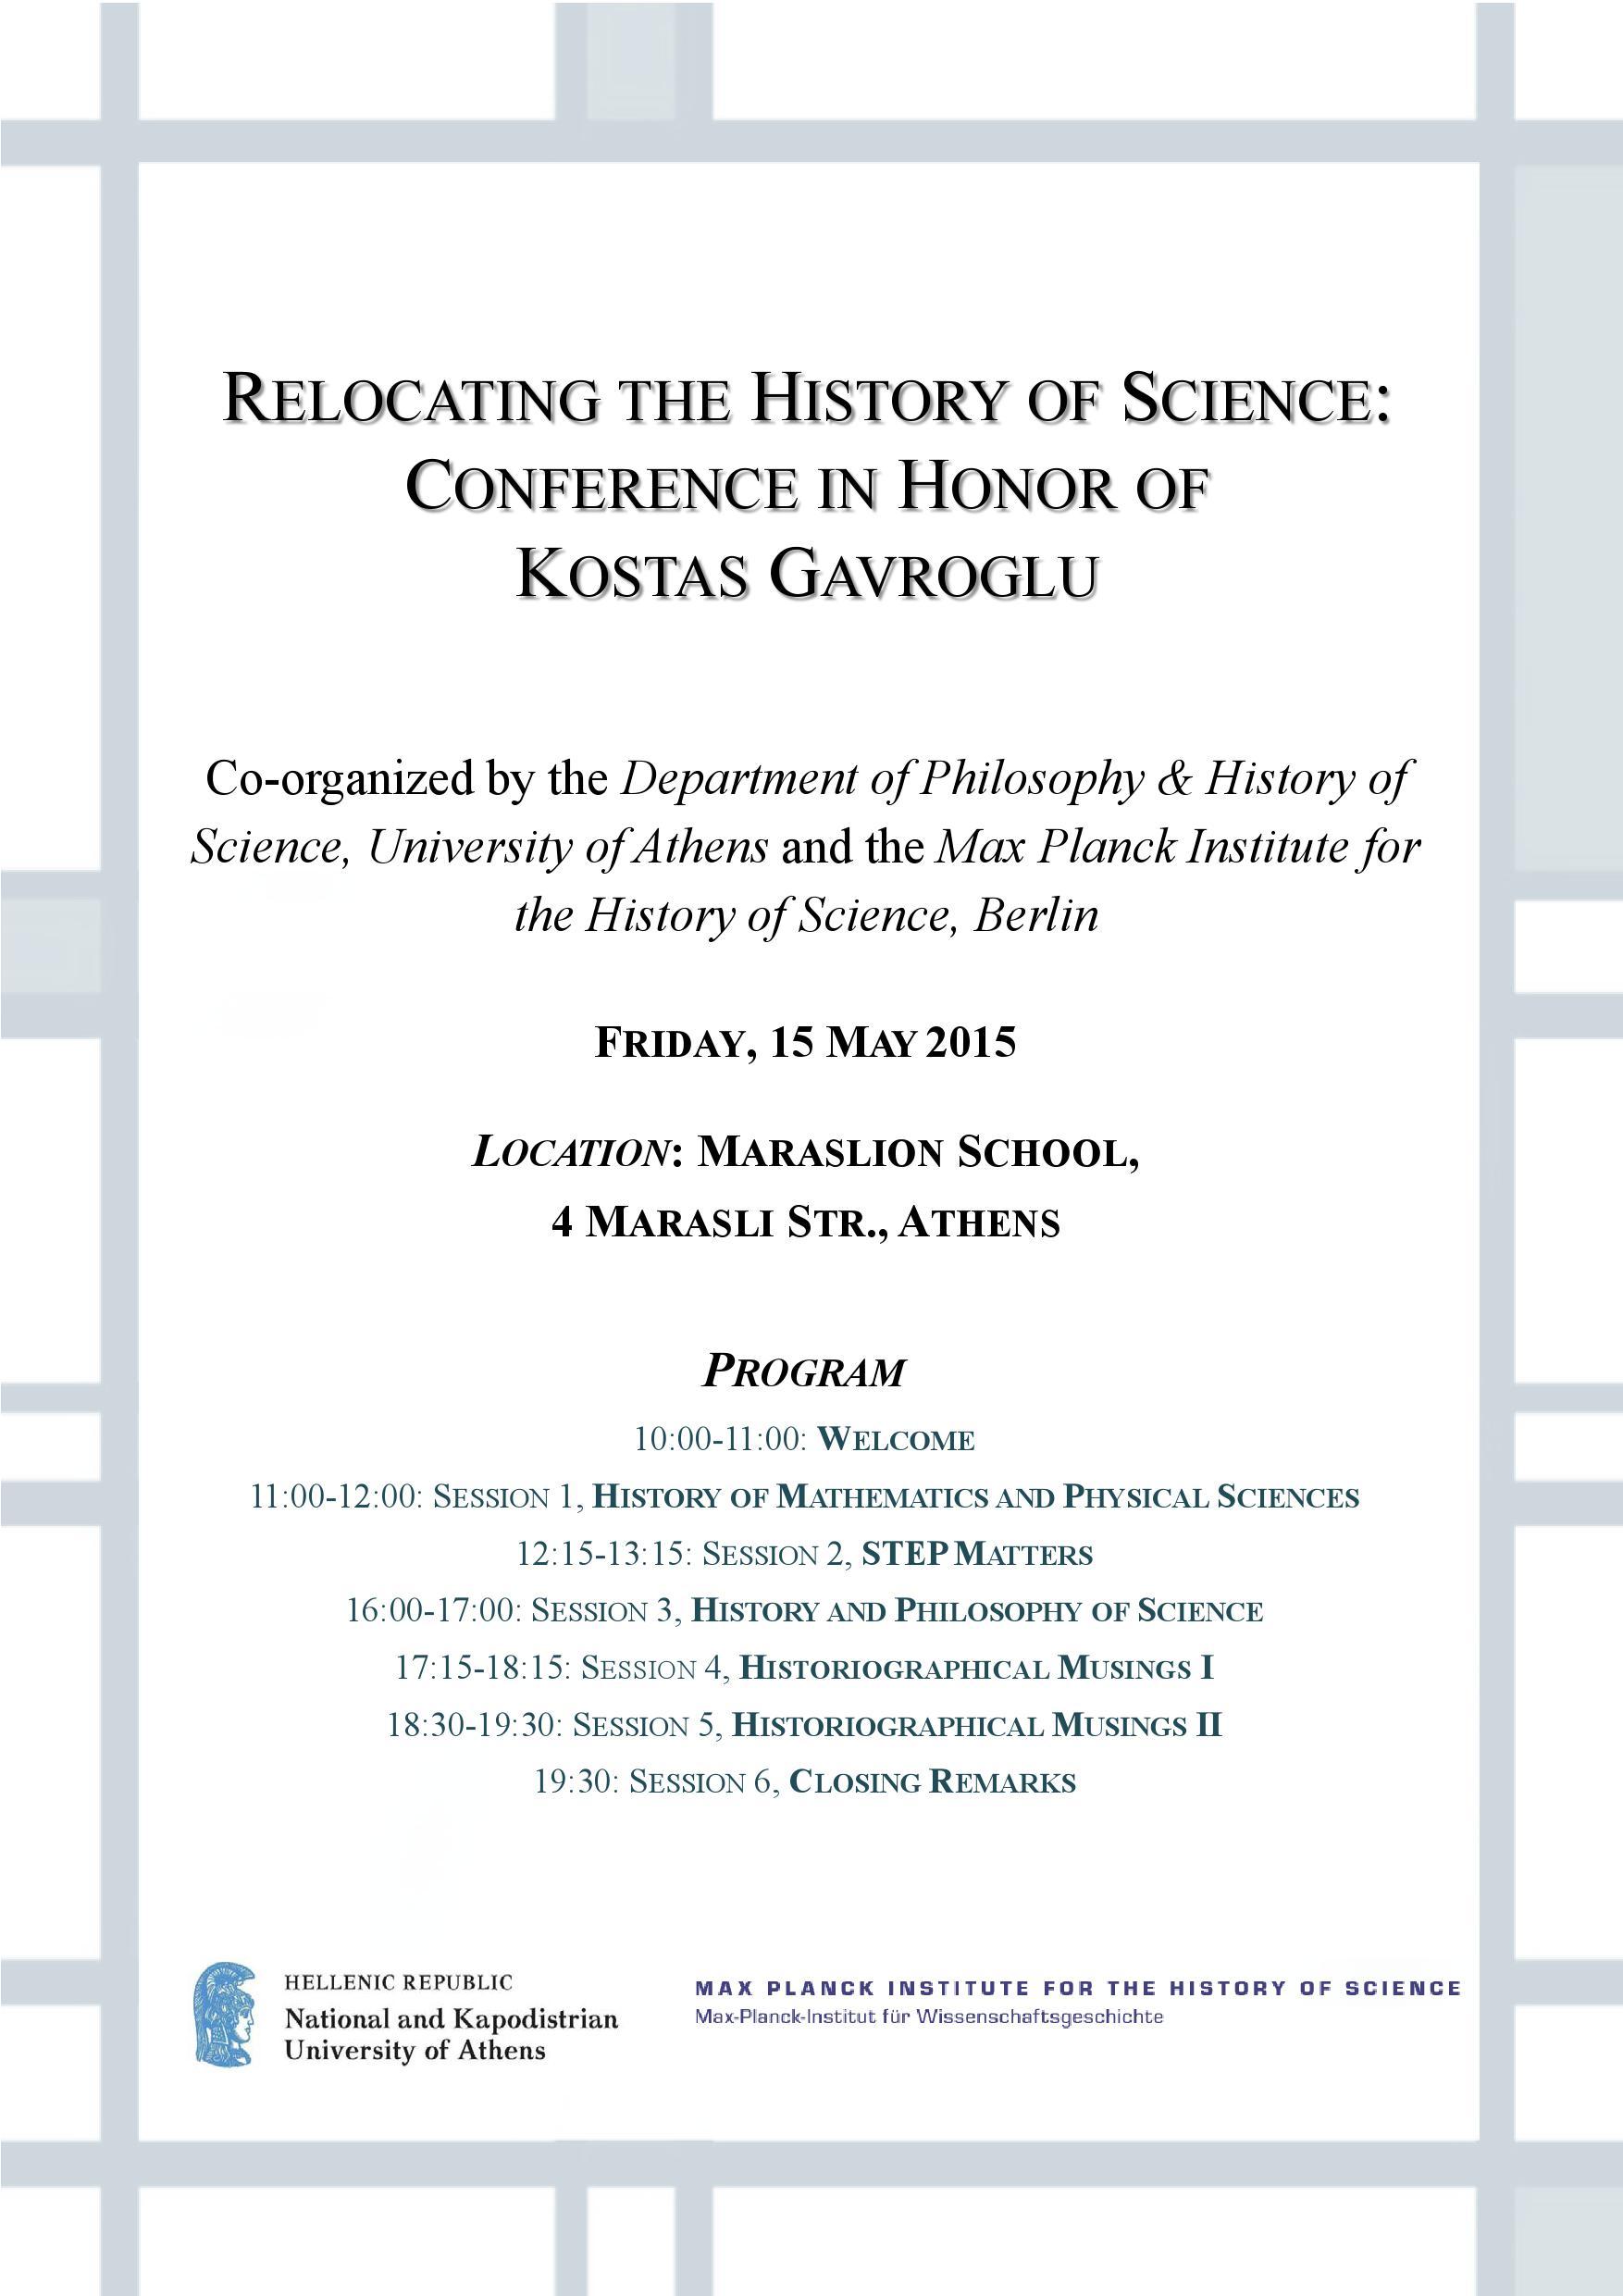 Διεθνής ημερίδα προς τιμήν του Καθηγητή Κώστα Γαβρόγλου